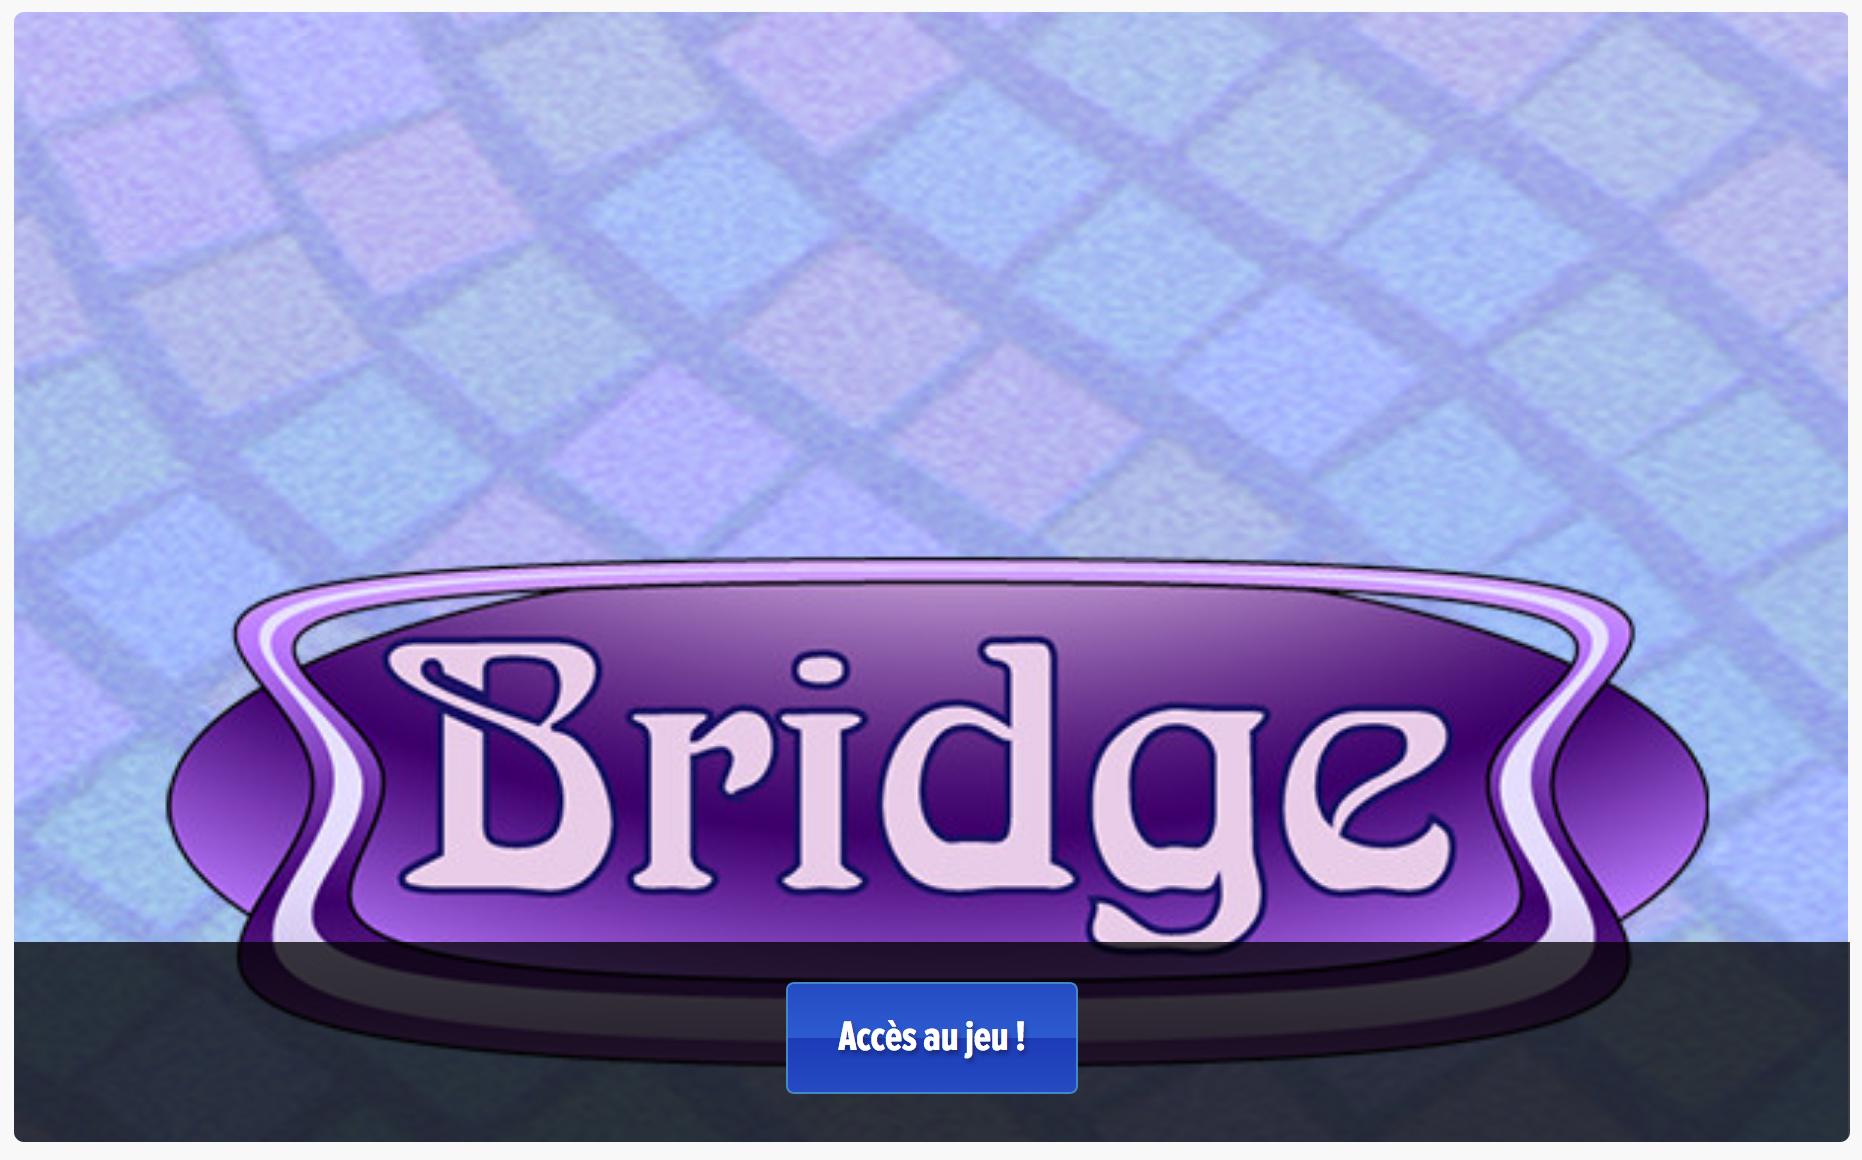 Bridge Gratuit Sur Internet : Jeu De Cartes Multi-Joueurs intérieur Jeux De Cartes Gratuits En Ligne Sans Inscription